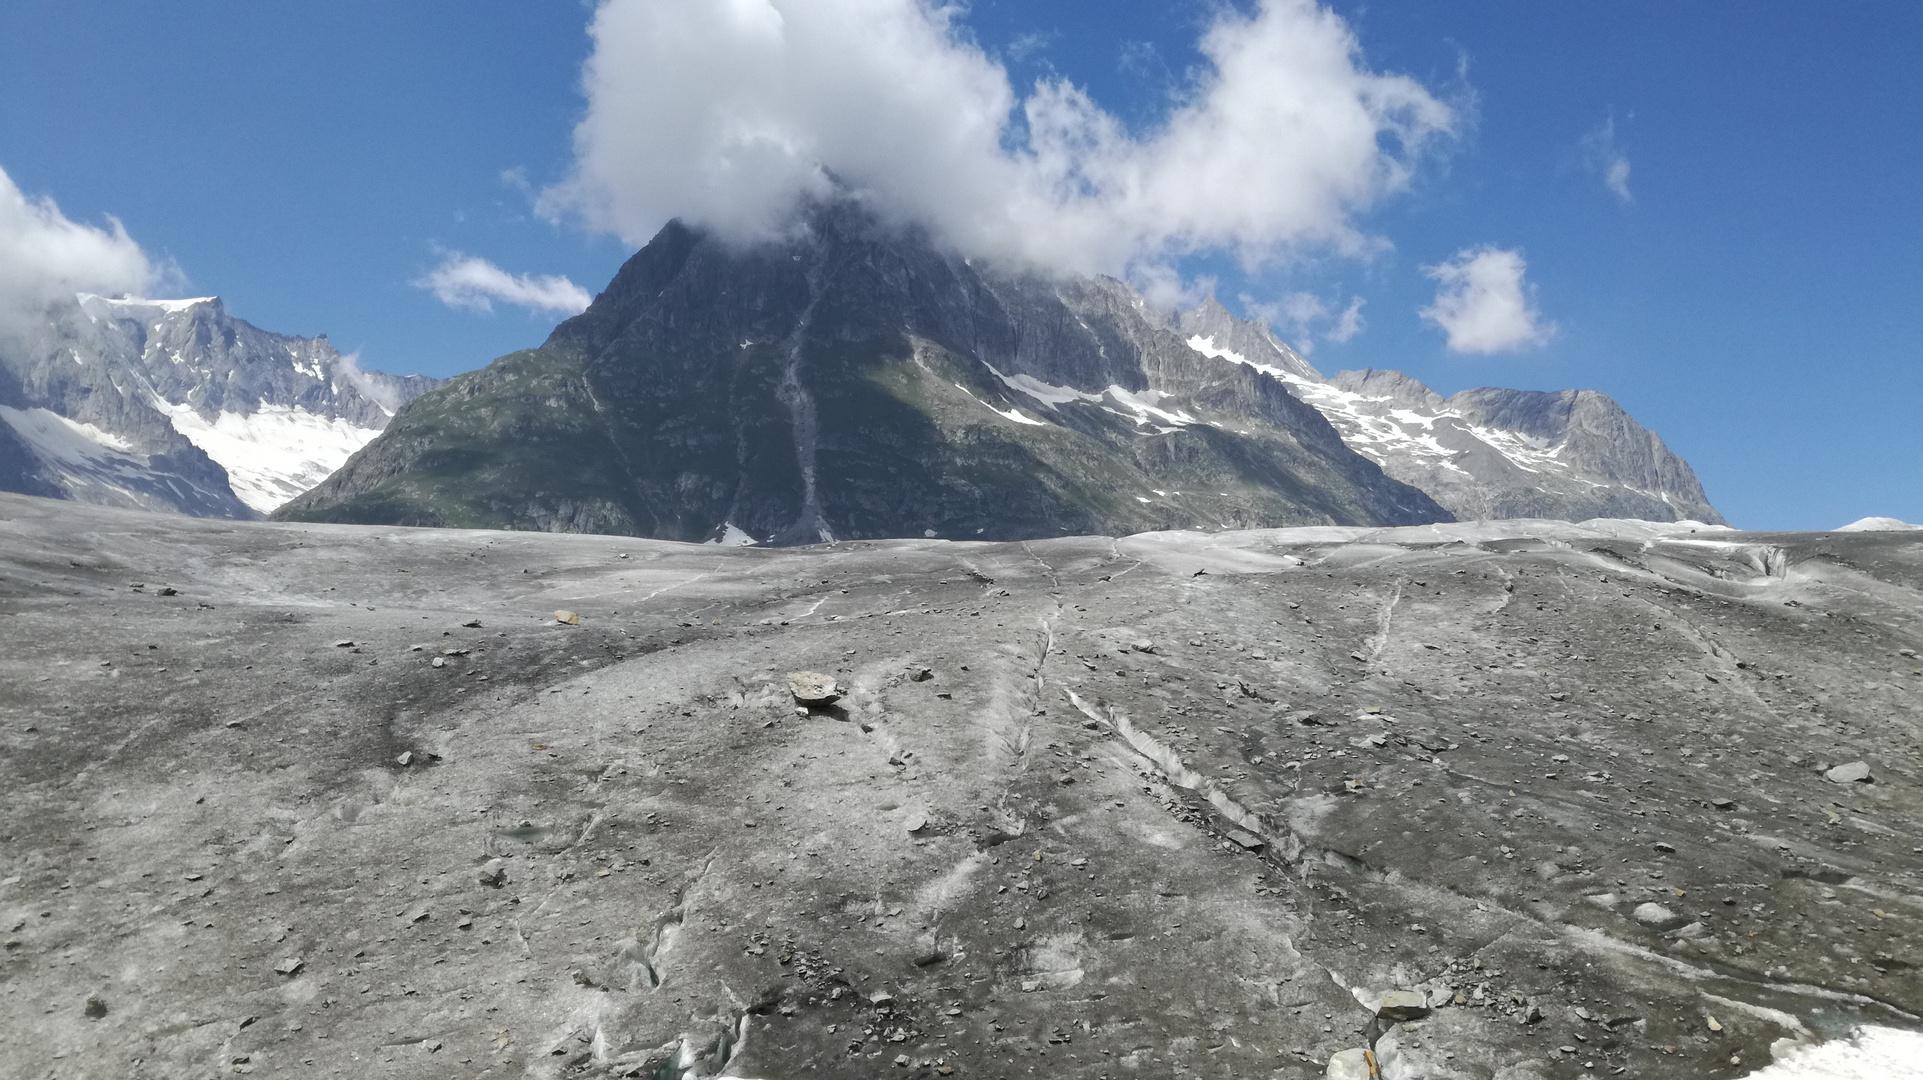 The glacier volcano